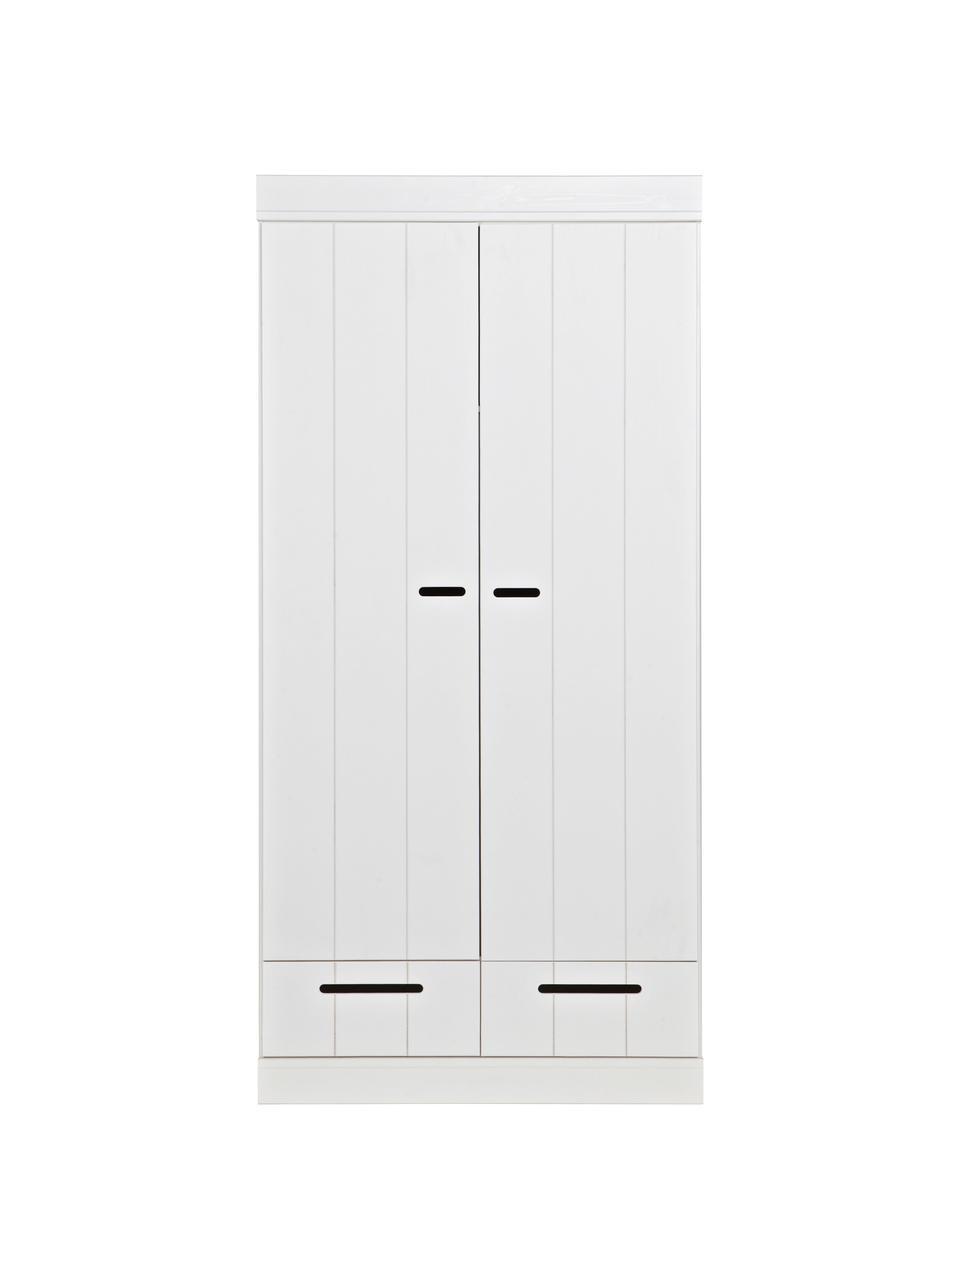 Szafa Connect, Korpus: lite drewno sosnowe, laki, Biały, S 94 x W 195 cm